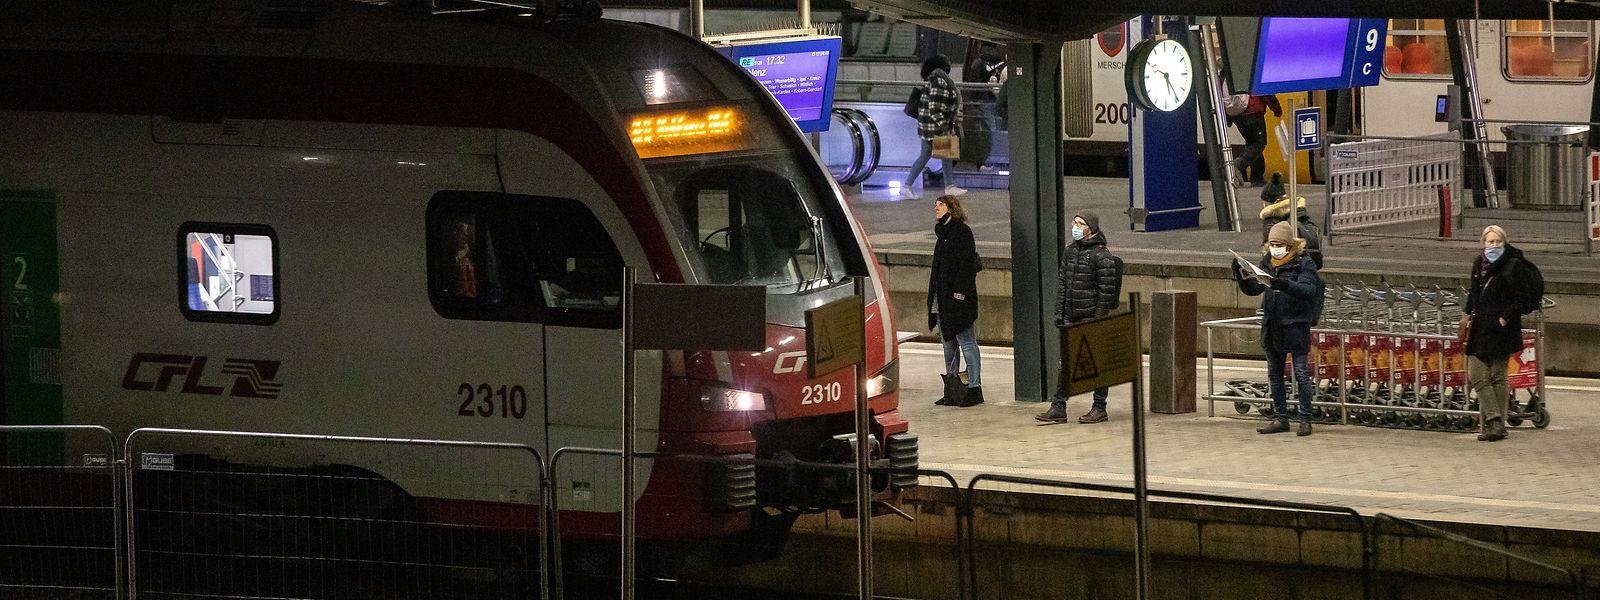 Schienenverkehr macht nur 0,4 Prozent der Emissionen aus.